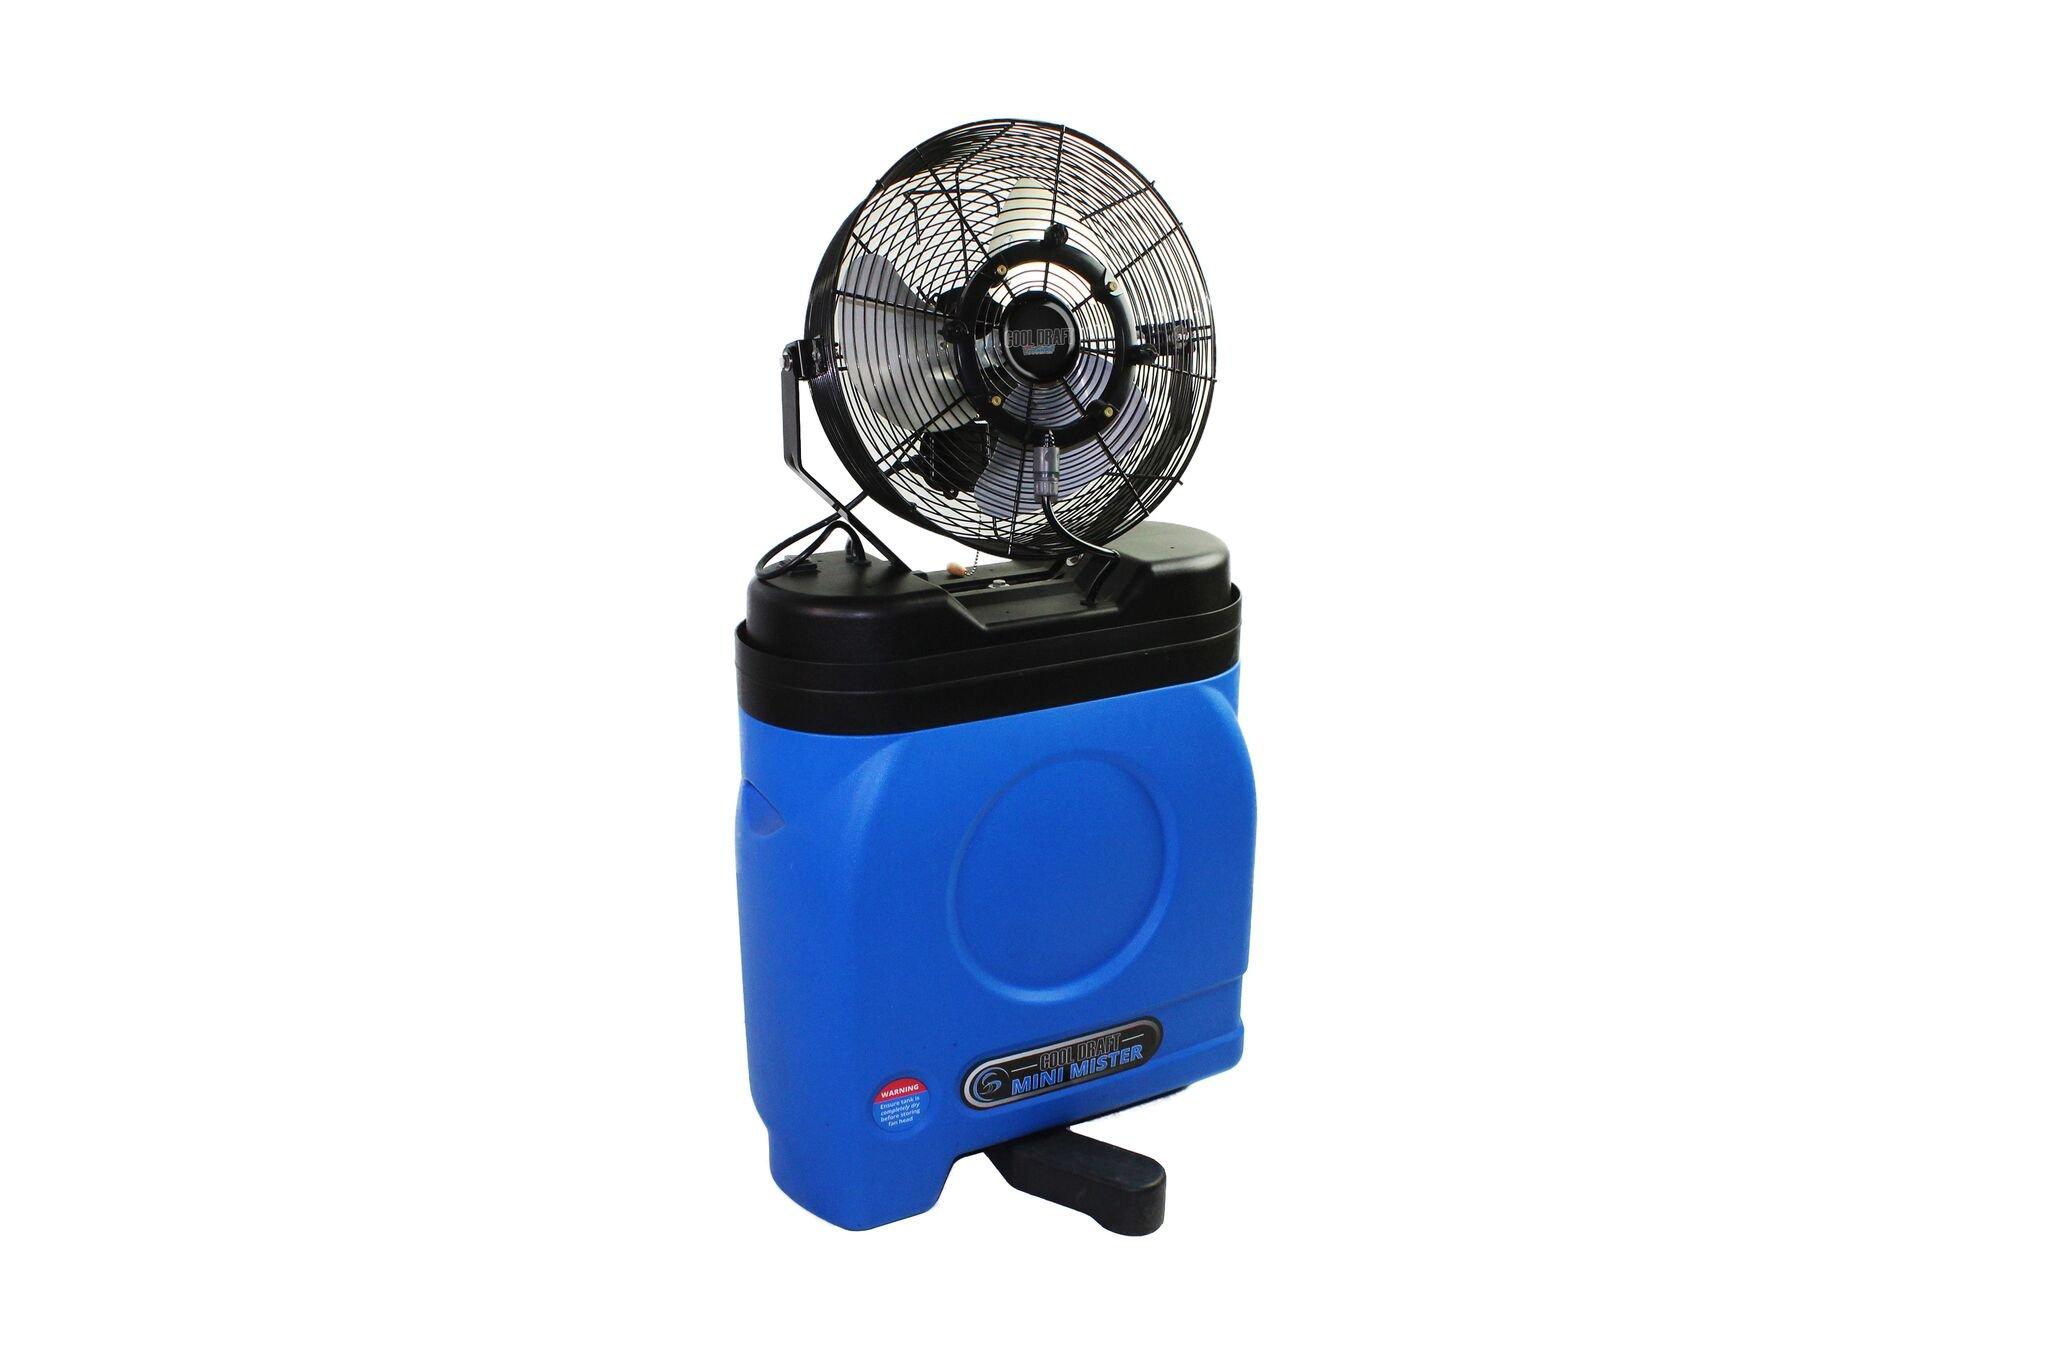 Ventamatic CDMP 1420BLU 14'' Premium Blue Misting Fan, 20 Gal Cooler, Black